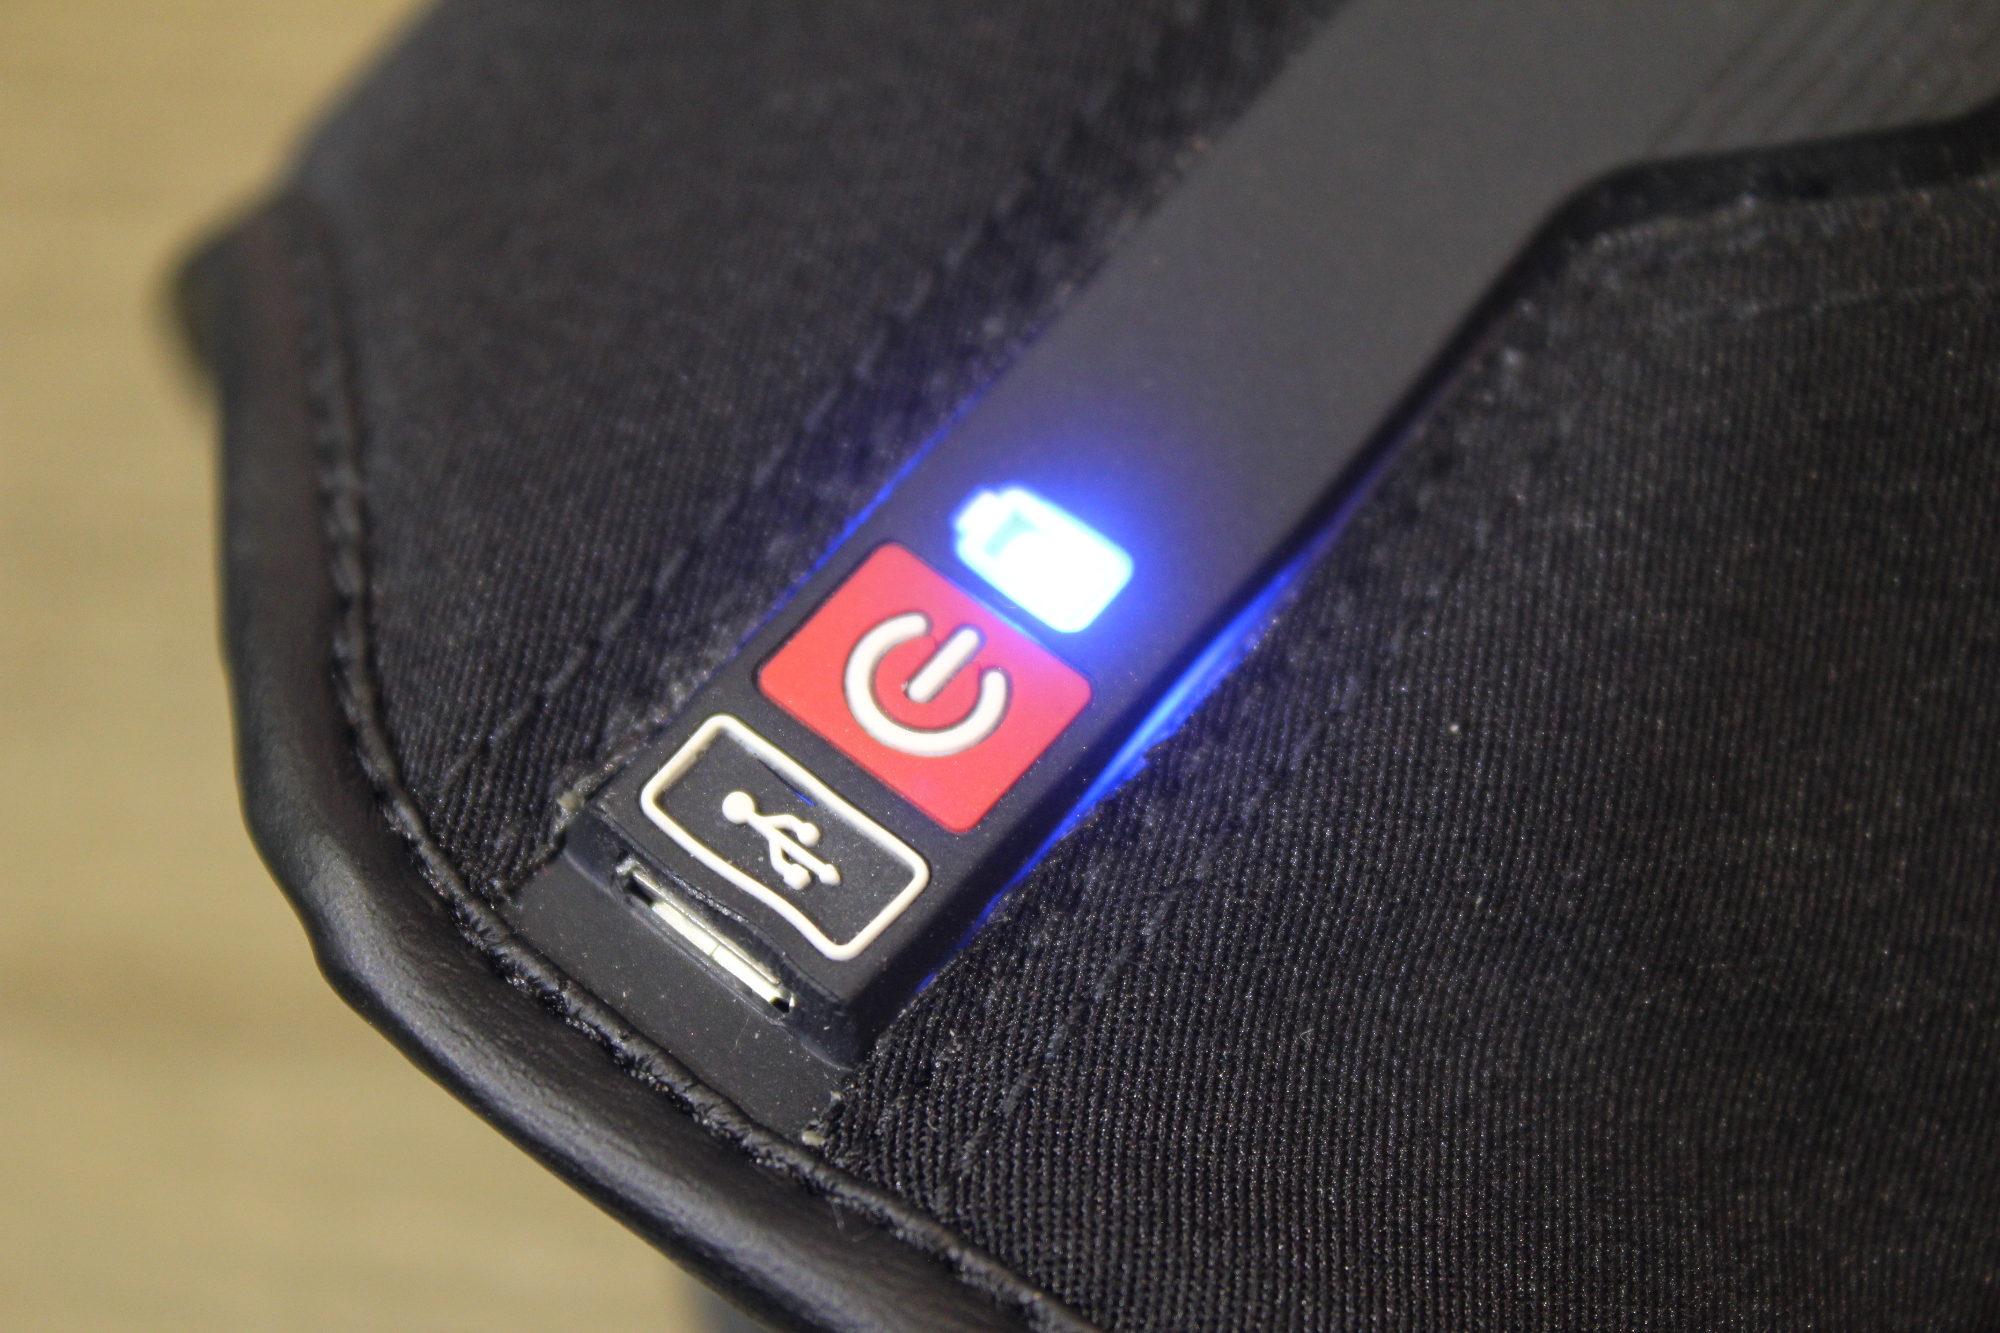 La interfaz de los Liberty Racer es impermeable y dispone de un interruptor y de un indicador de carga